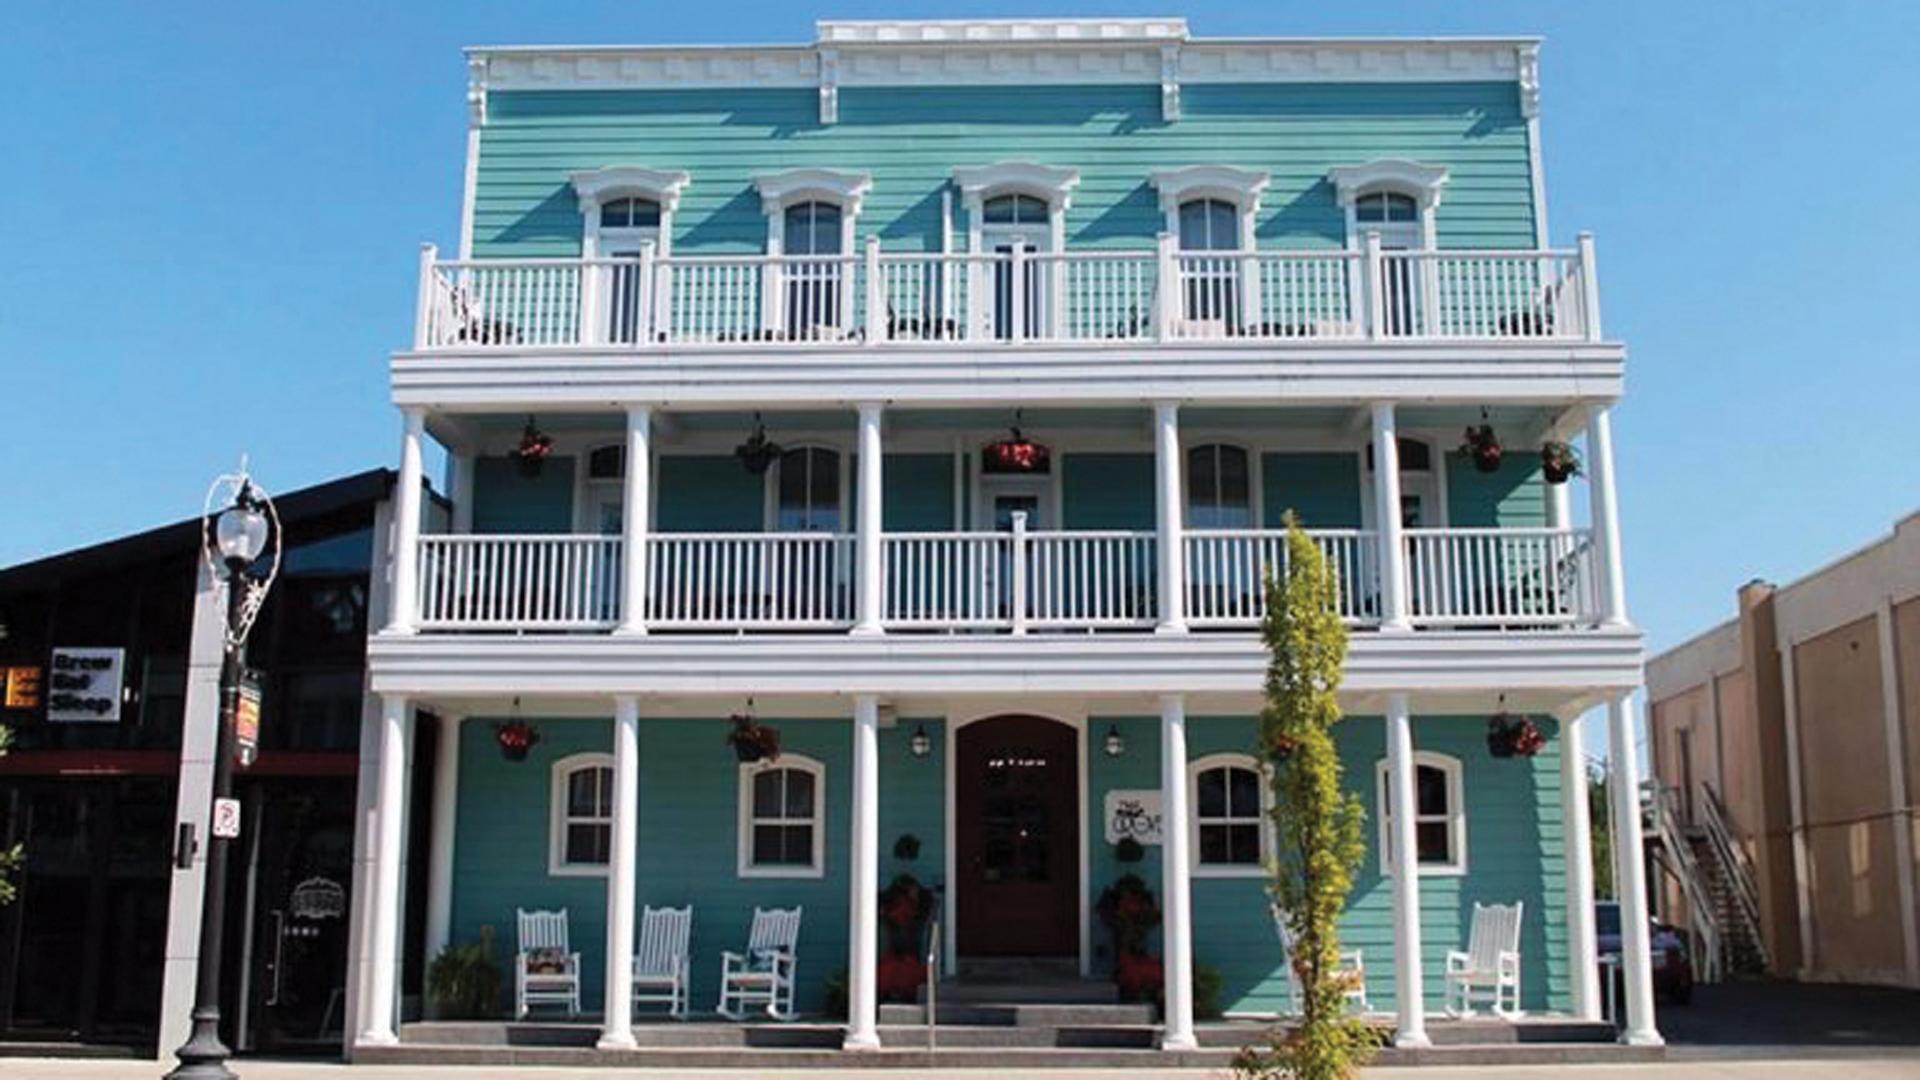 Windsor restaurants, activities, hotels and more